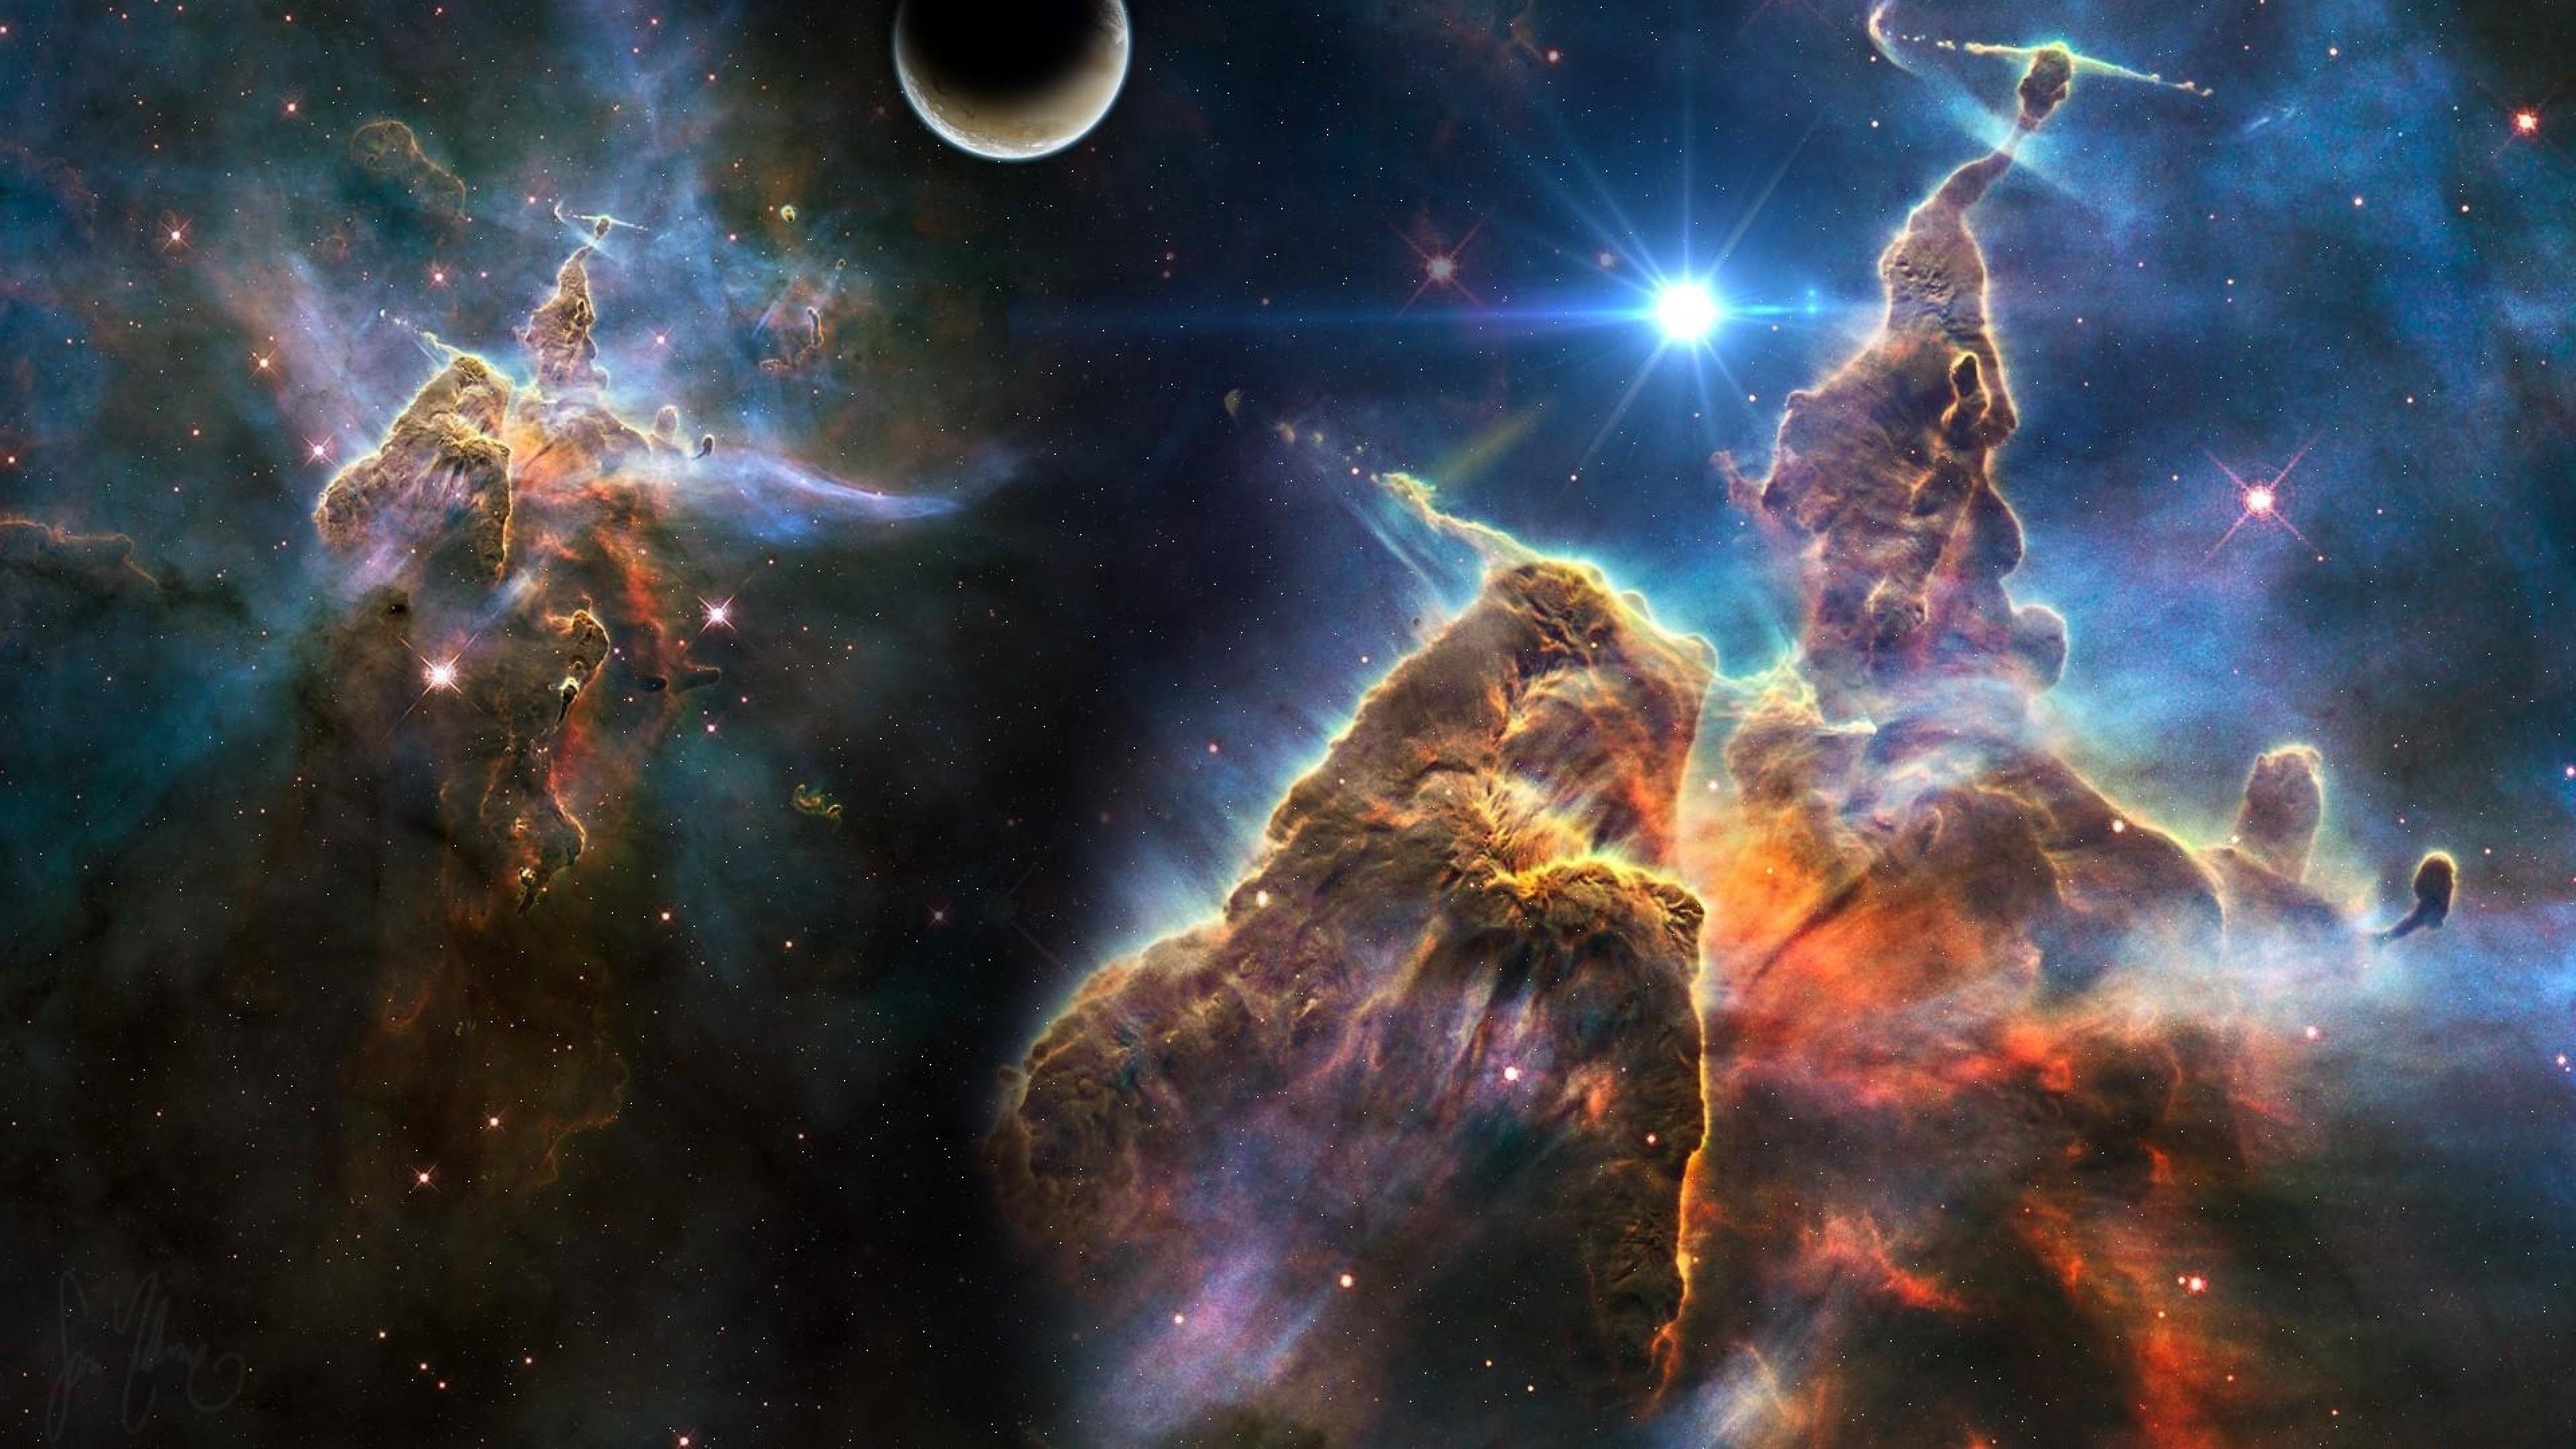 wallpaper.wiki-Universe-3d-high-resolution-wallpaper-hd-